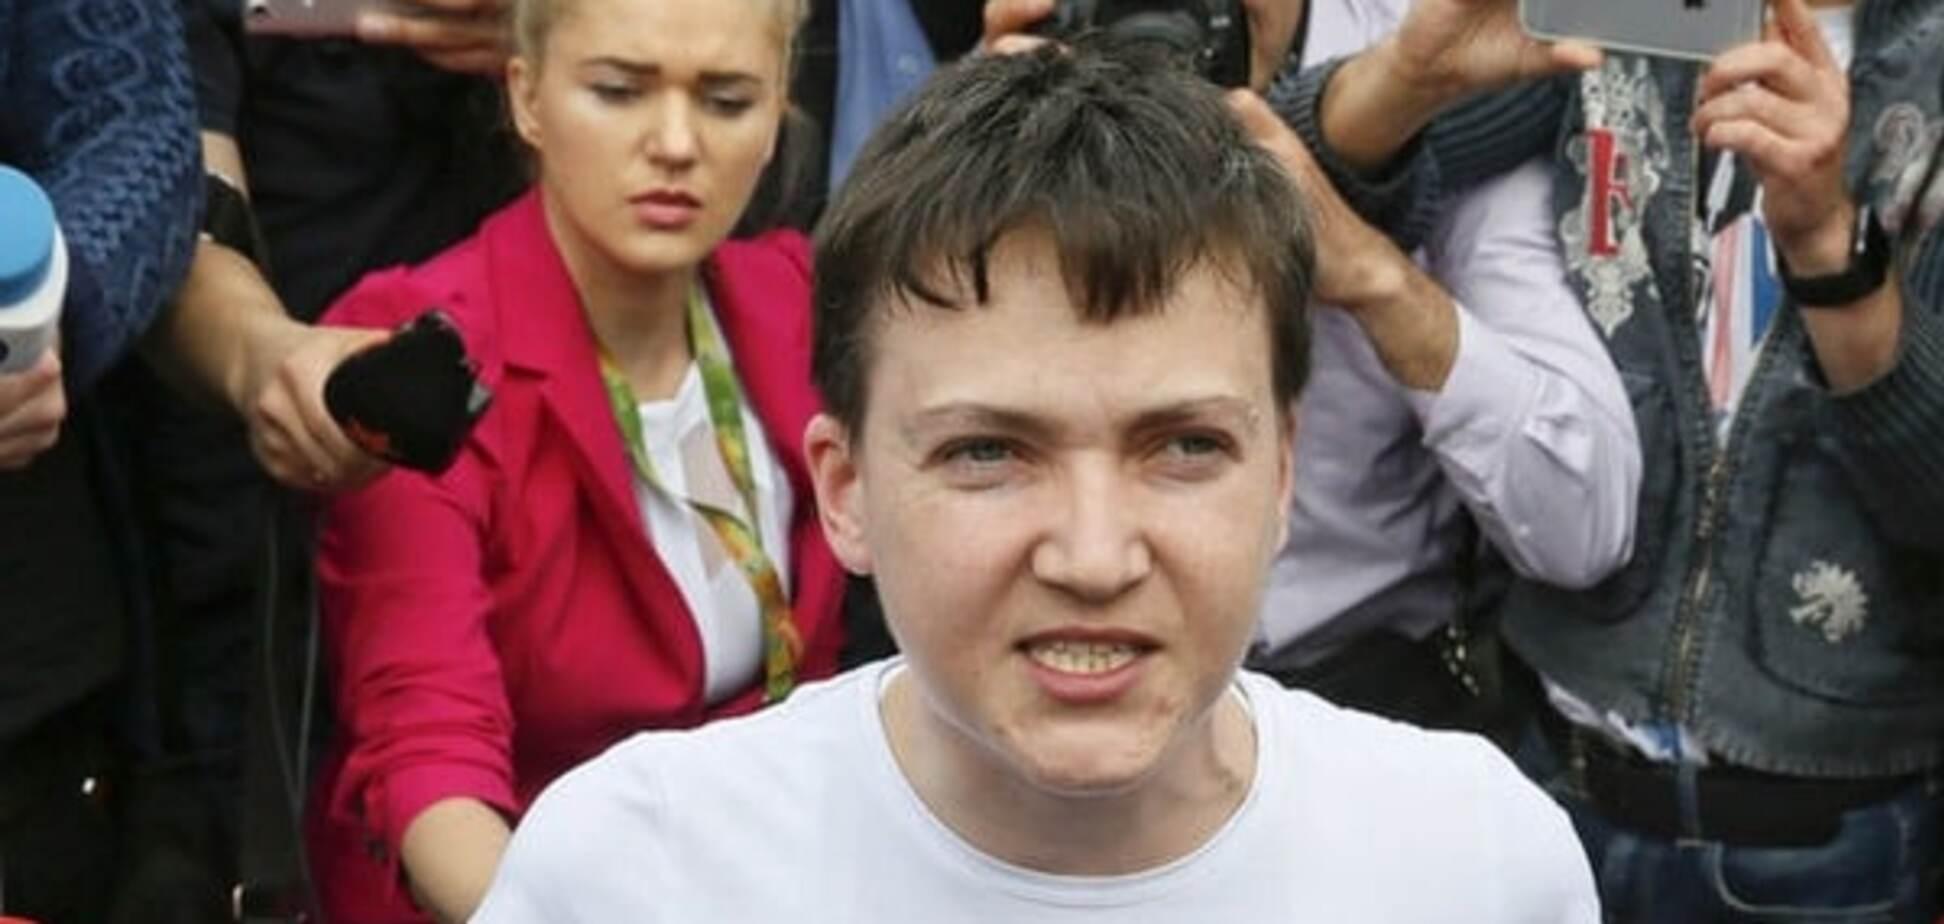 Савченко. Природний ідіотизм чи банальний кріт?